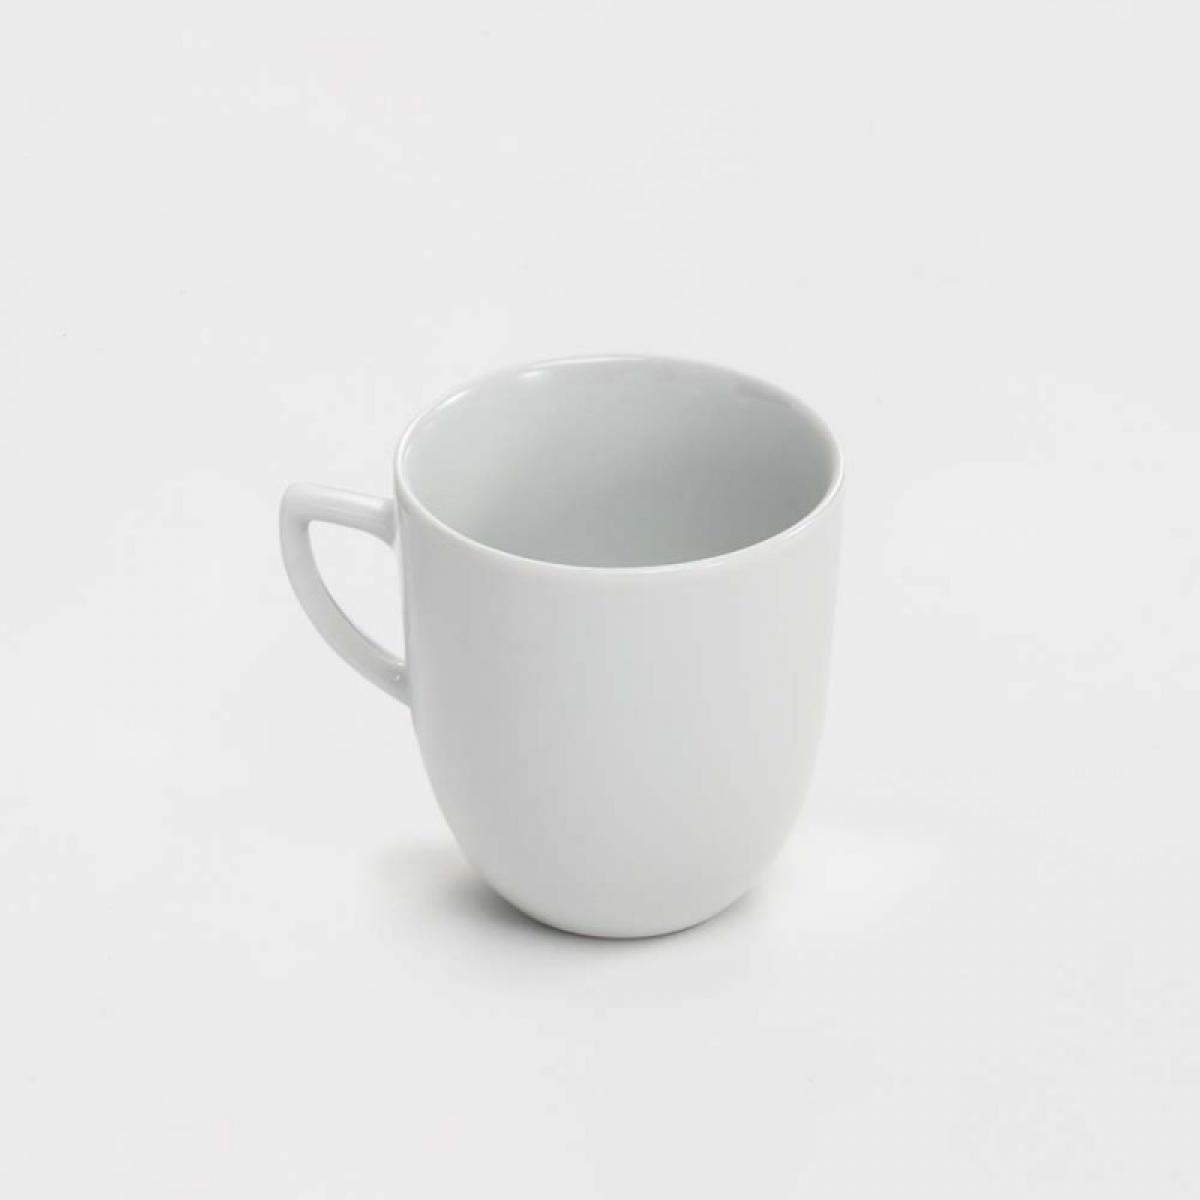 Materiel Chr Pro Mug Porcelaine Blanc Apulia 350 ml - Lot de 6 - Stalgast - 9 cm Porcelaine 35 cl